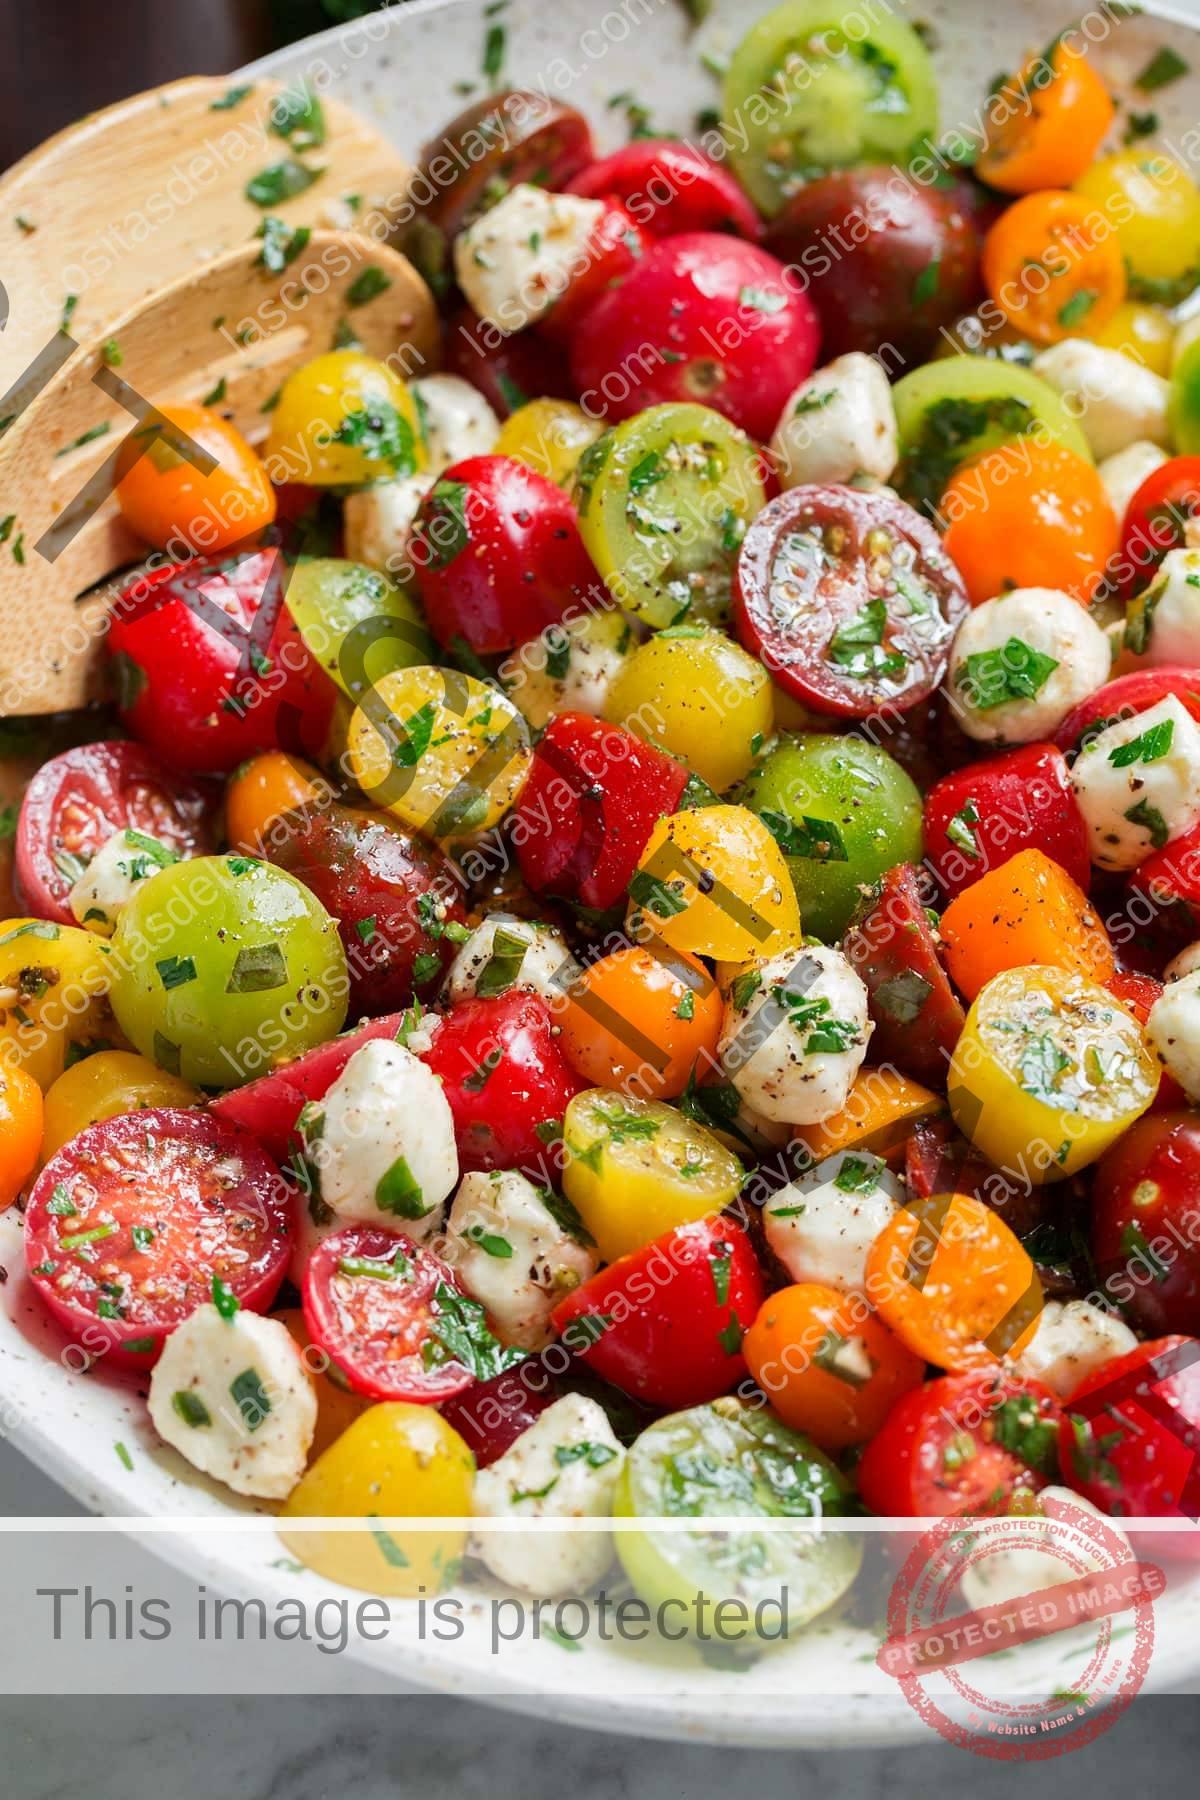 Imagen que muestra ensalada de tomate desde un ángulo lateral en un tazón para servir.